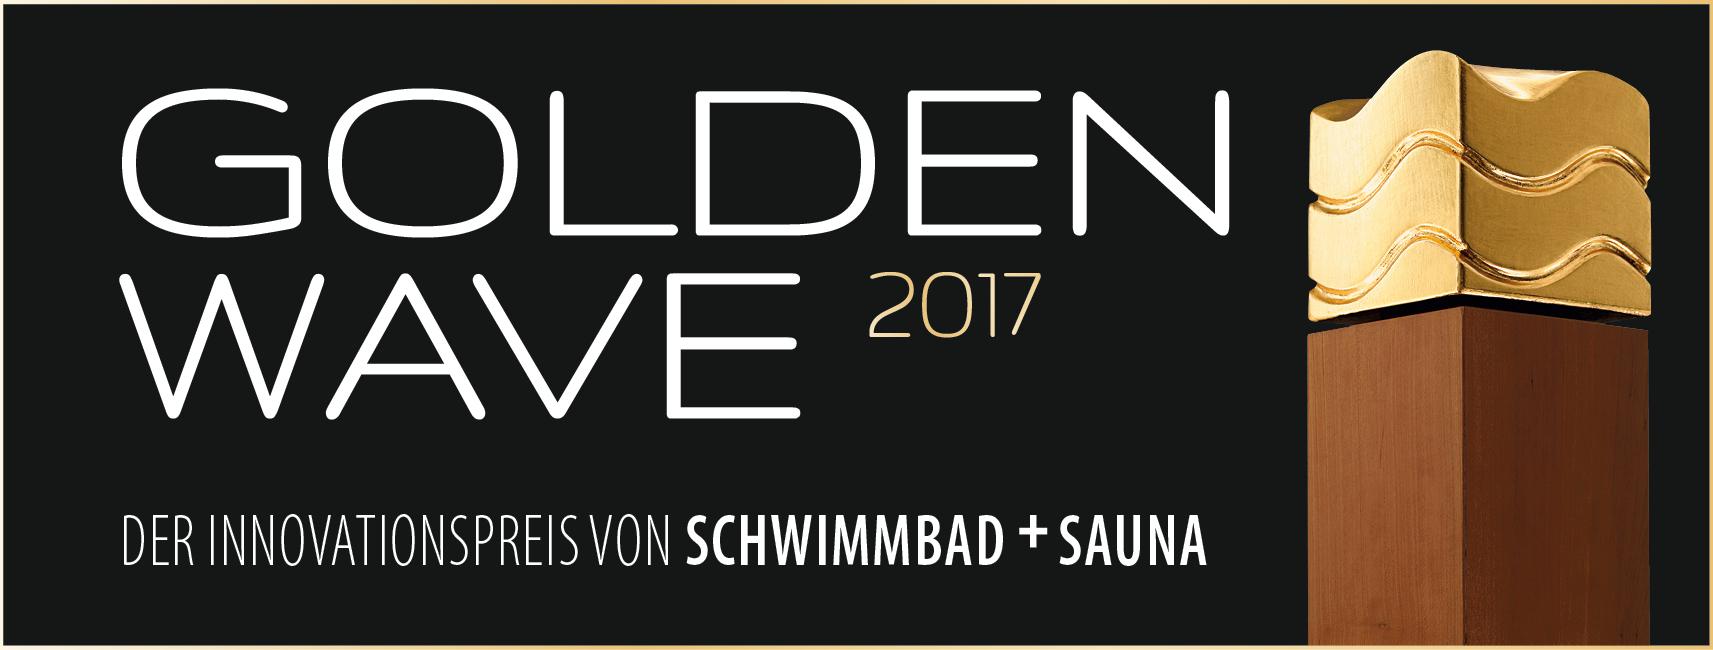 Golden Wave 2017 auf jeden Fall mit Auszeichnung für den Pool